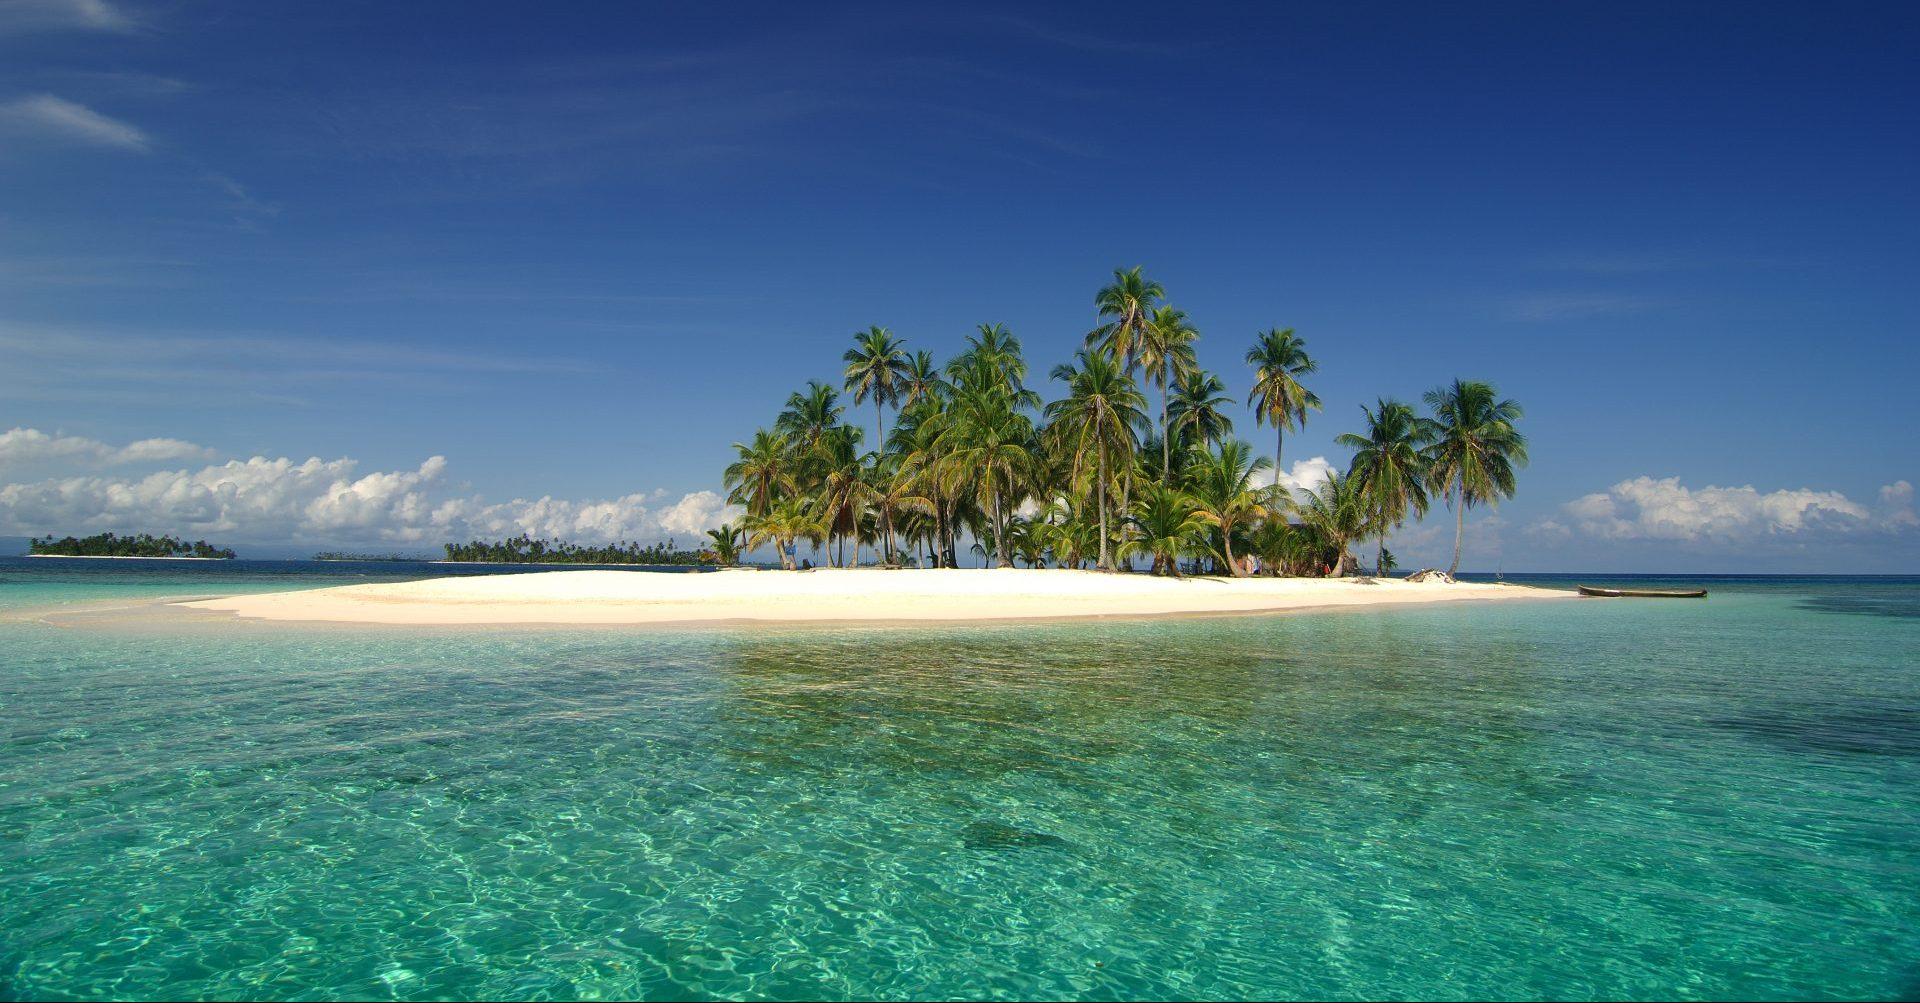 Panama_Playa San Blas_Insel_Strand mit Palmen_Reisen